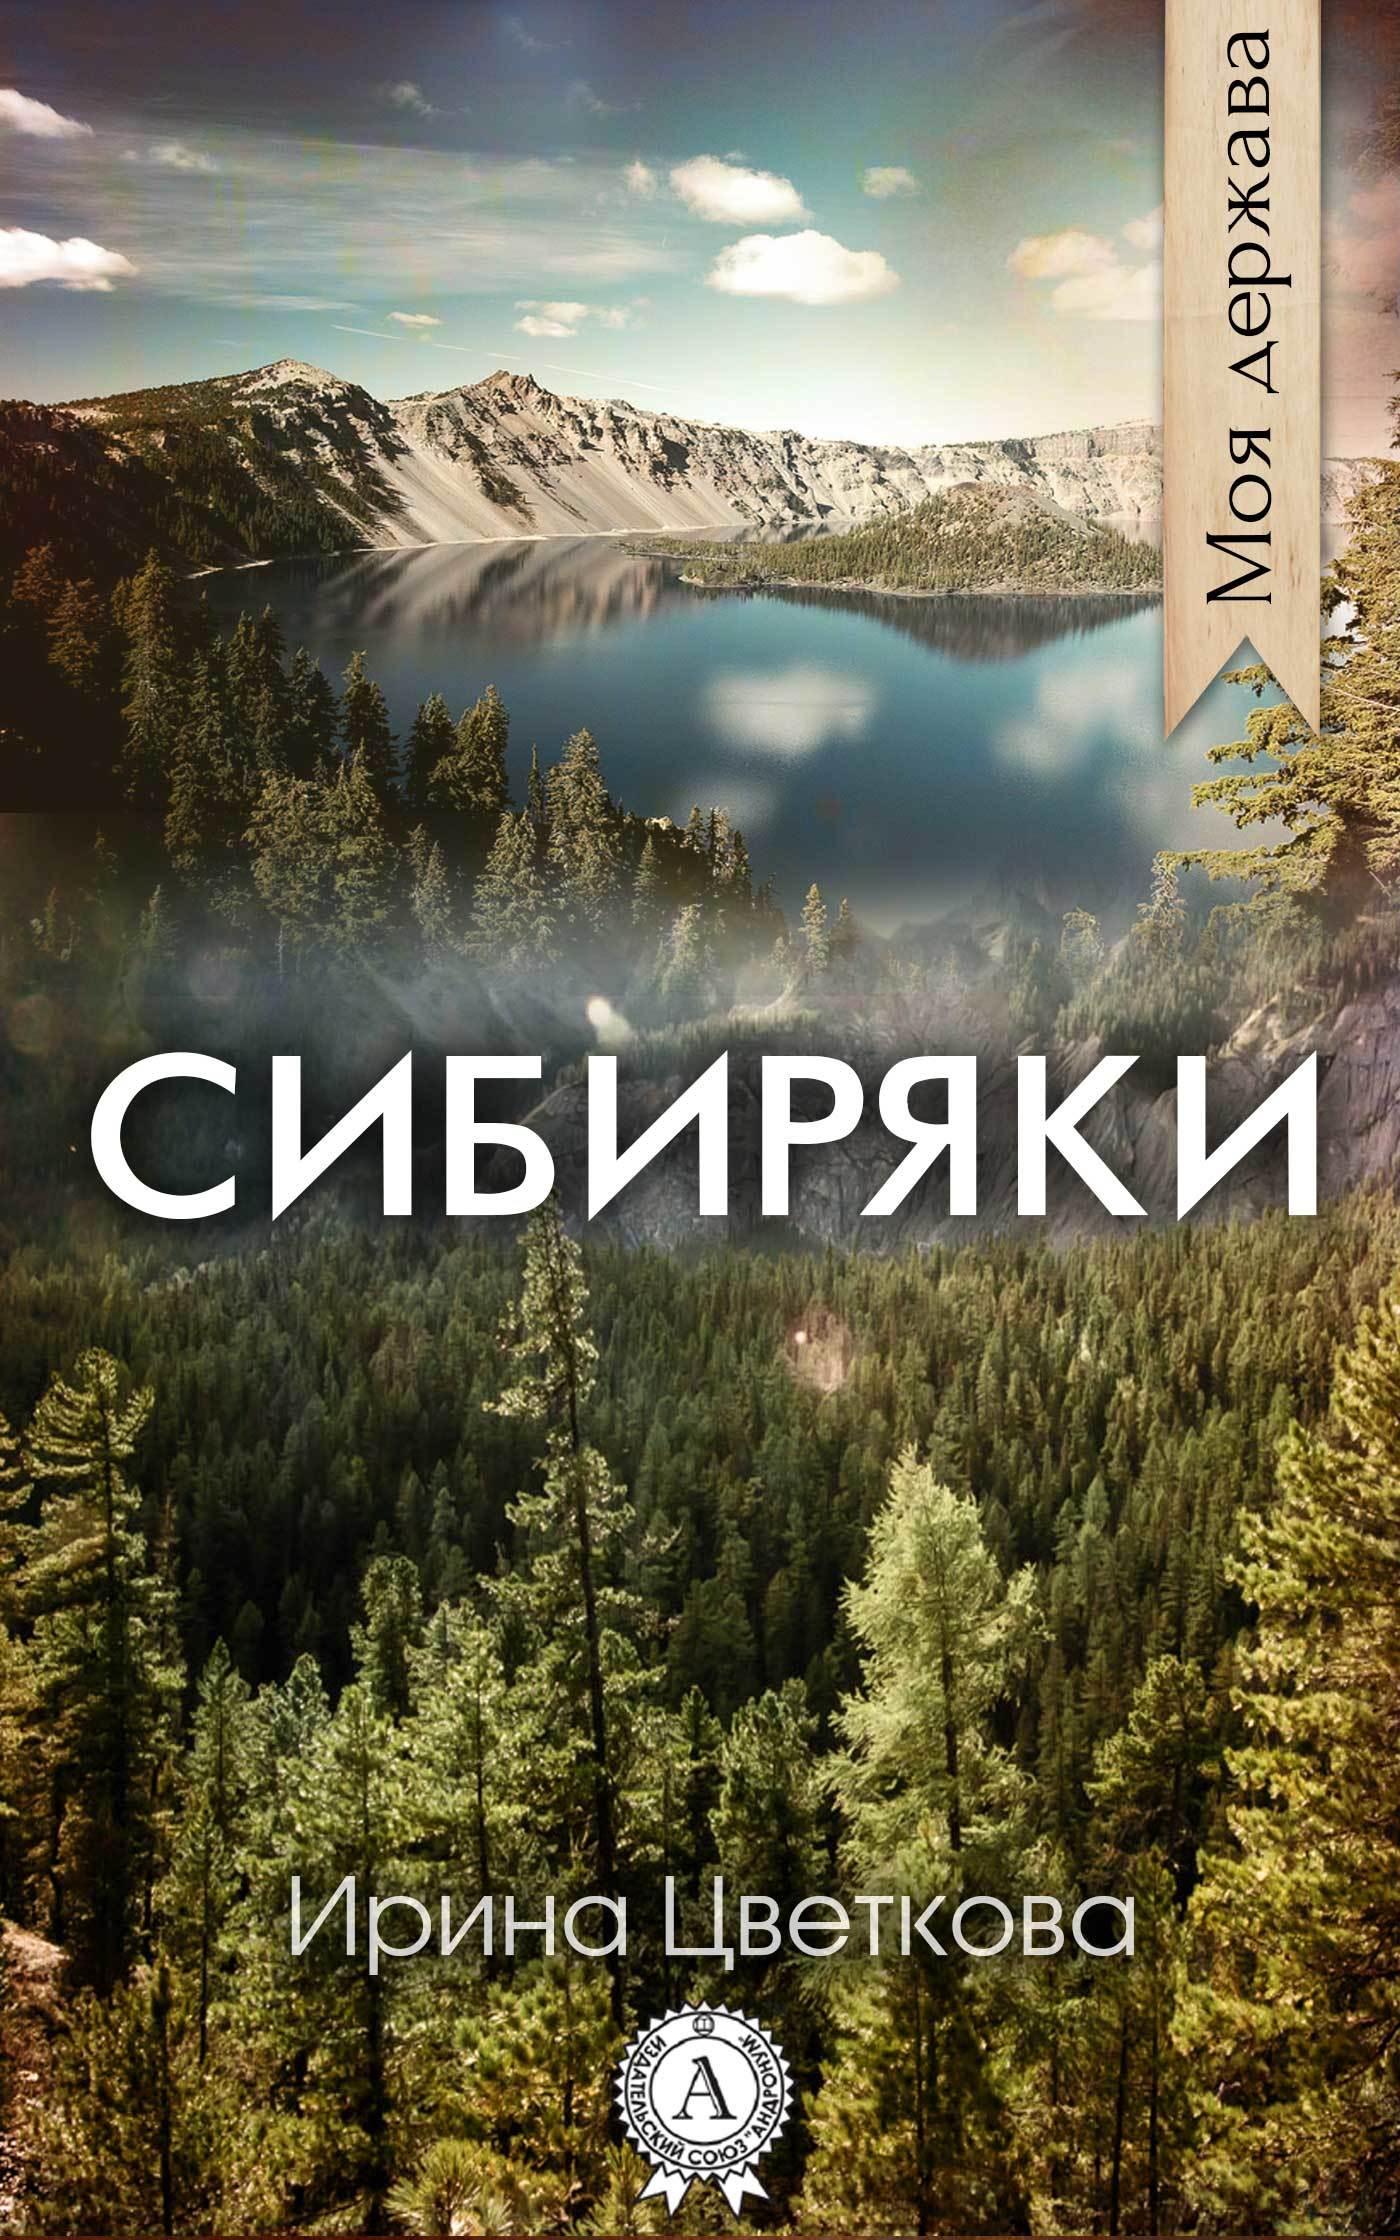 Ирина Цветкова - Сибиряки